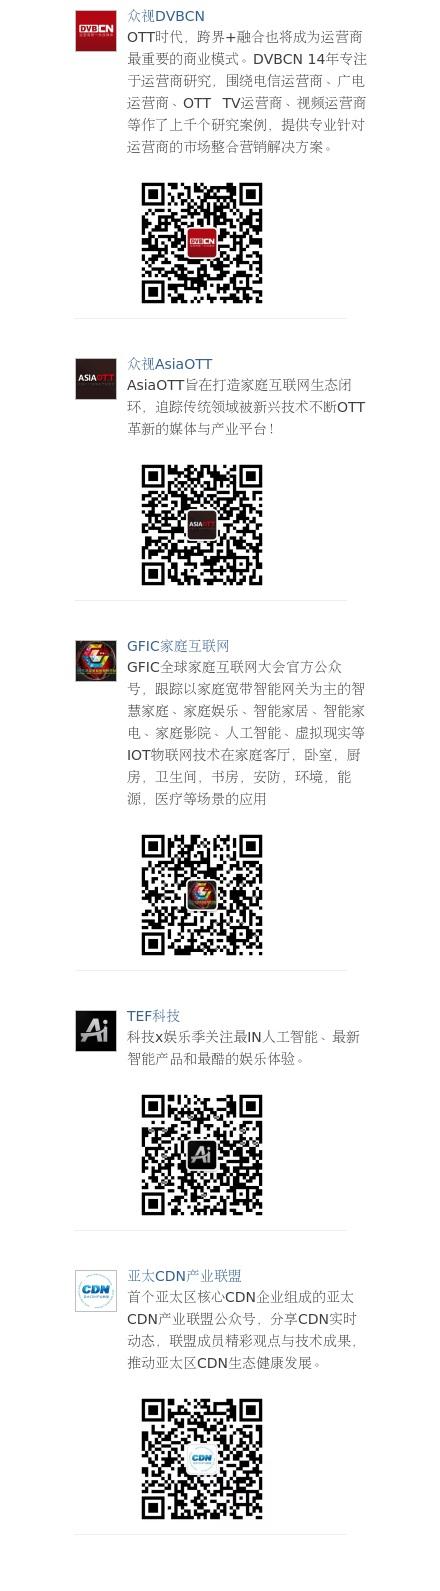 众视网微信公众号矩阵